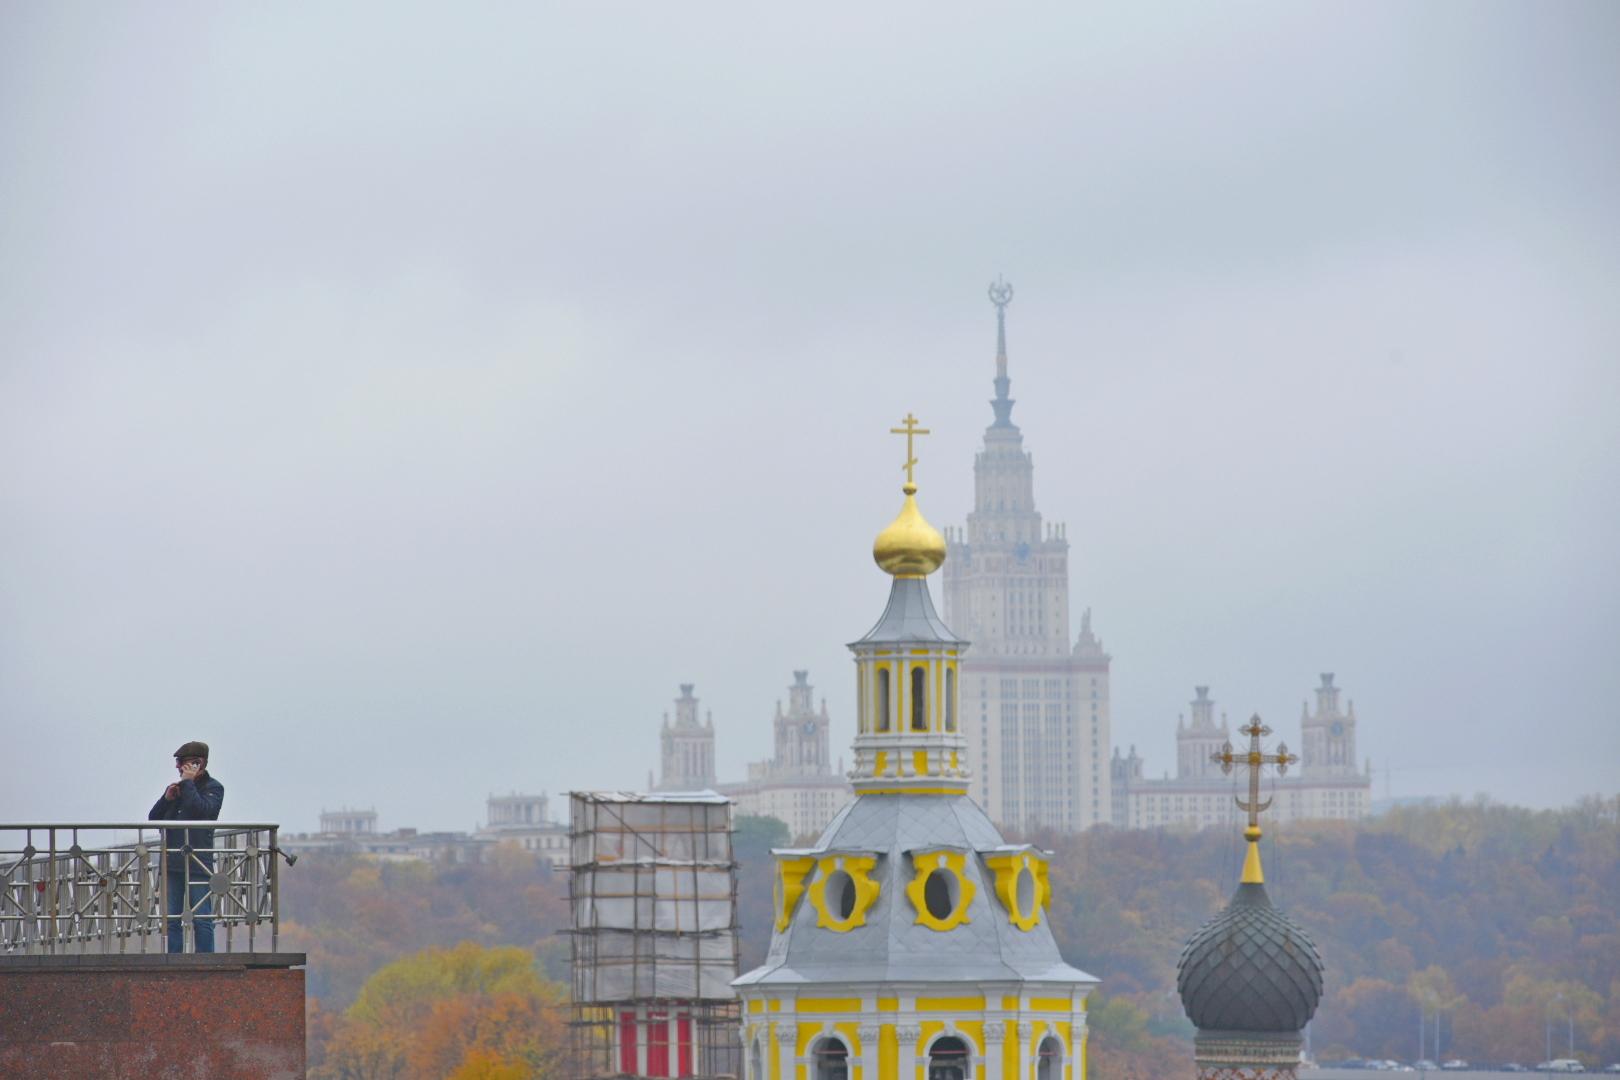 Портал «Узнай Москву» организовал праздничный онлайн-квест. Фото: Александр Кожохин, «Вечерняя Москва»